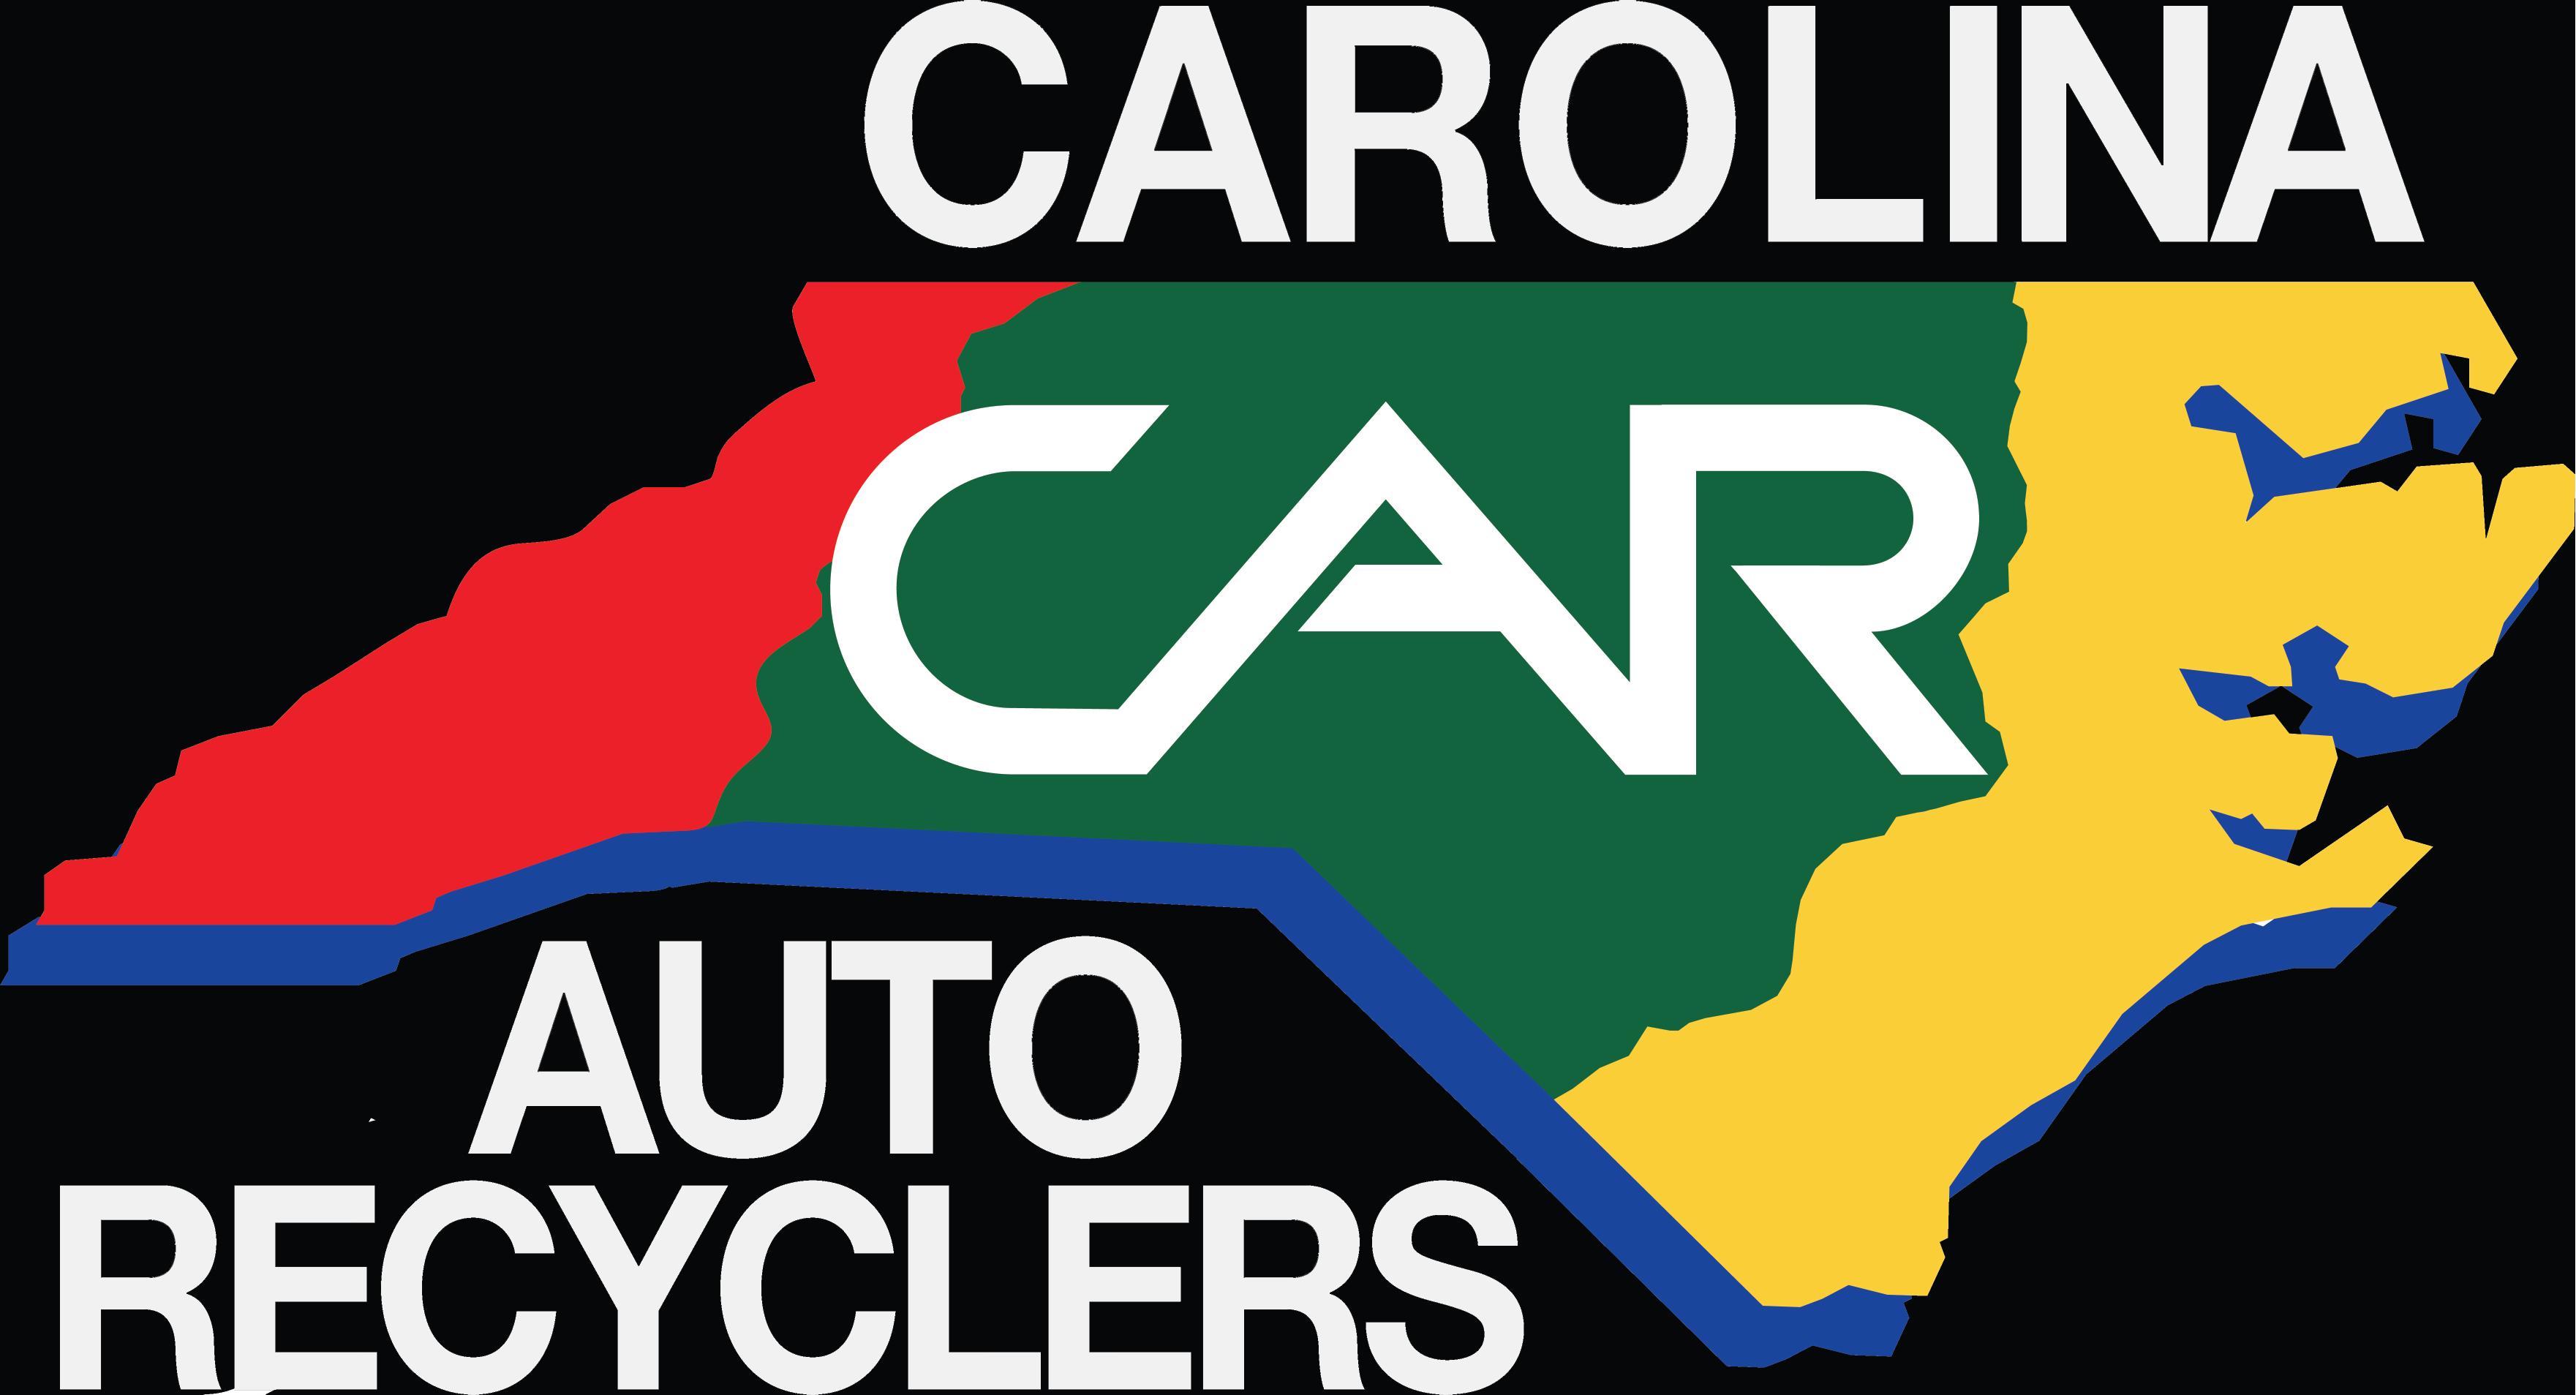 Carolina Auto Recyclers logo